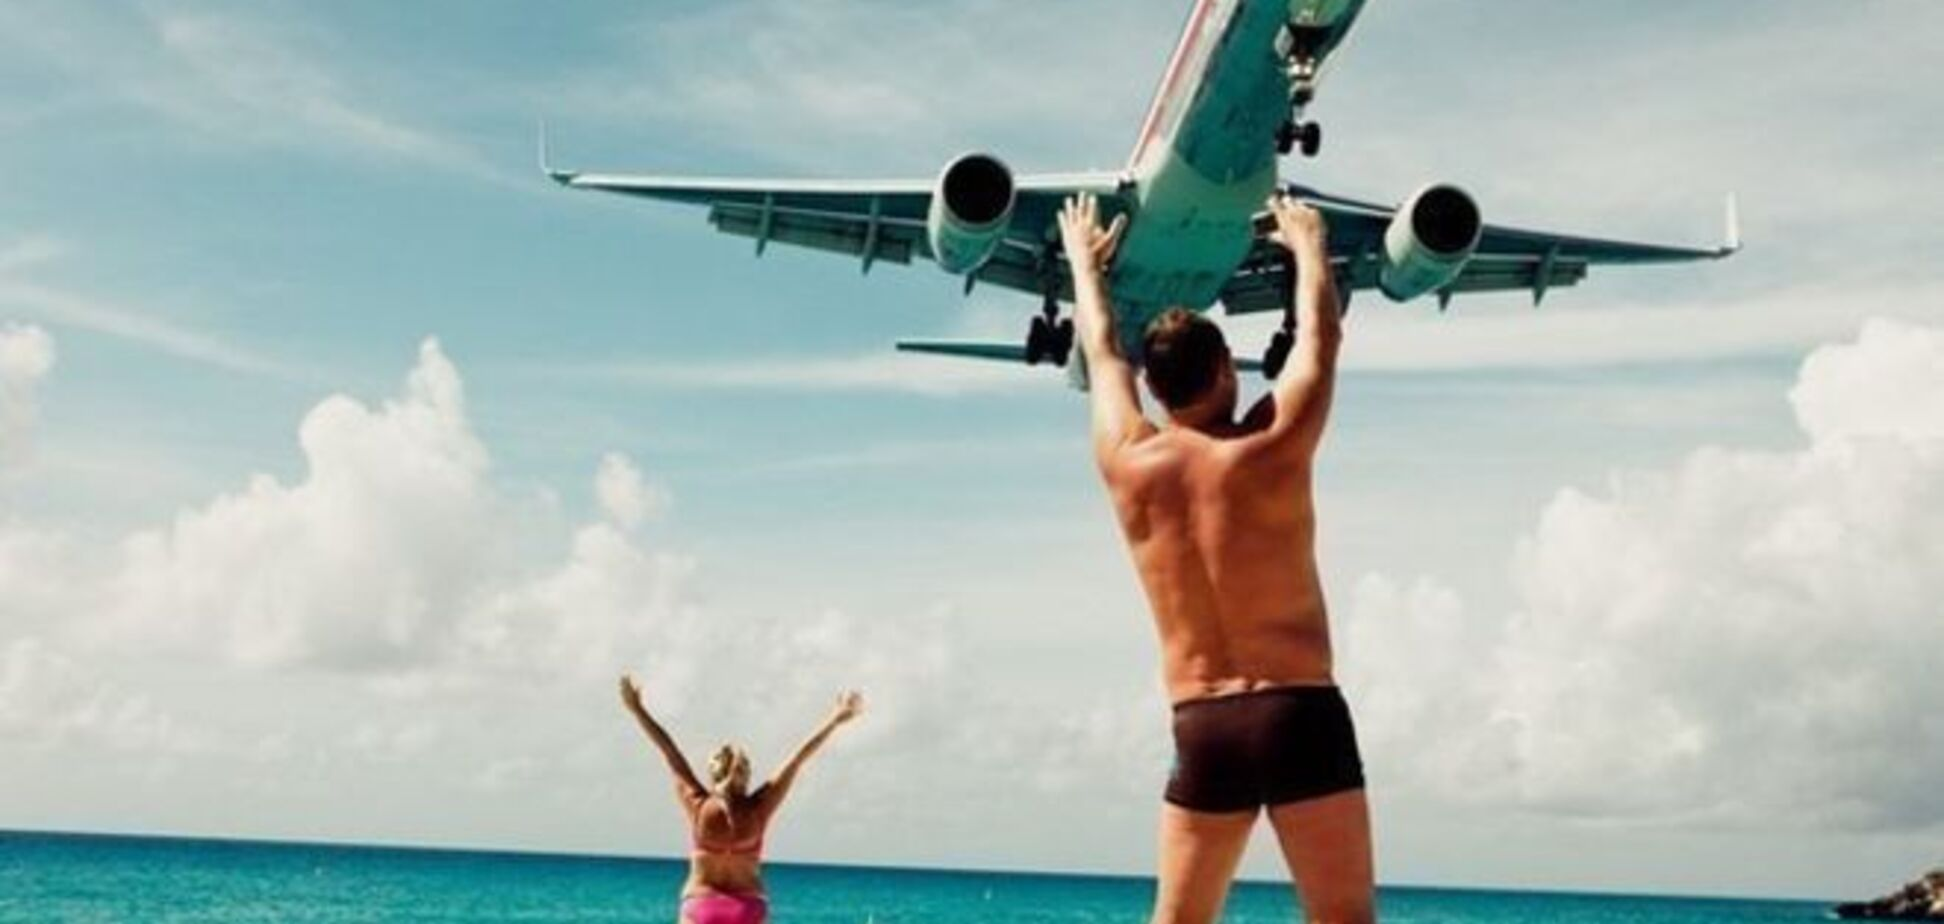 Лететь не вредно: самые дешевые авиабилеты по 10 главным турнаправлениям на июль